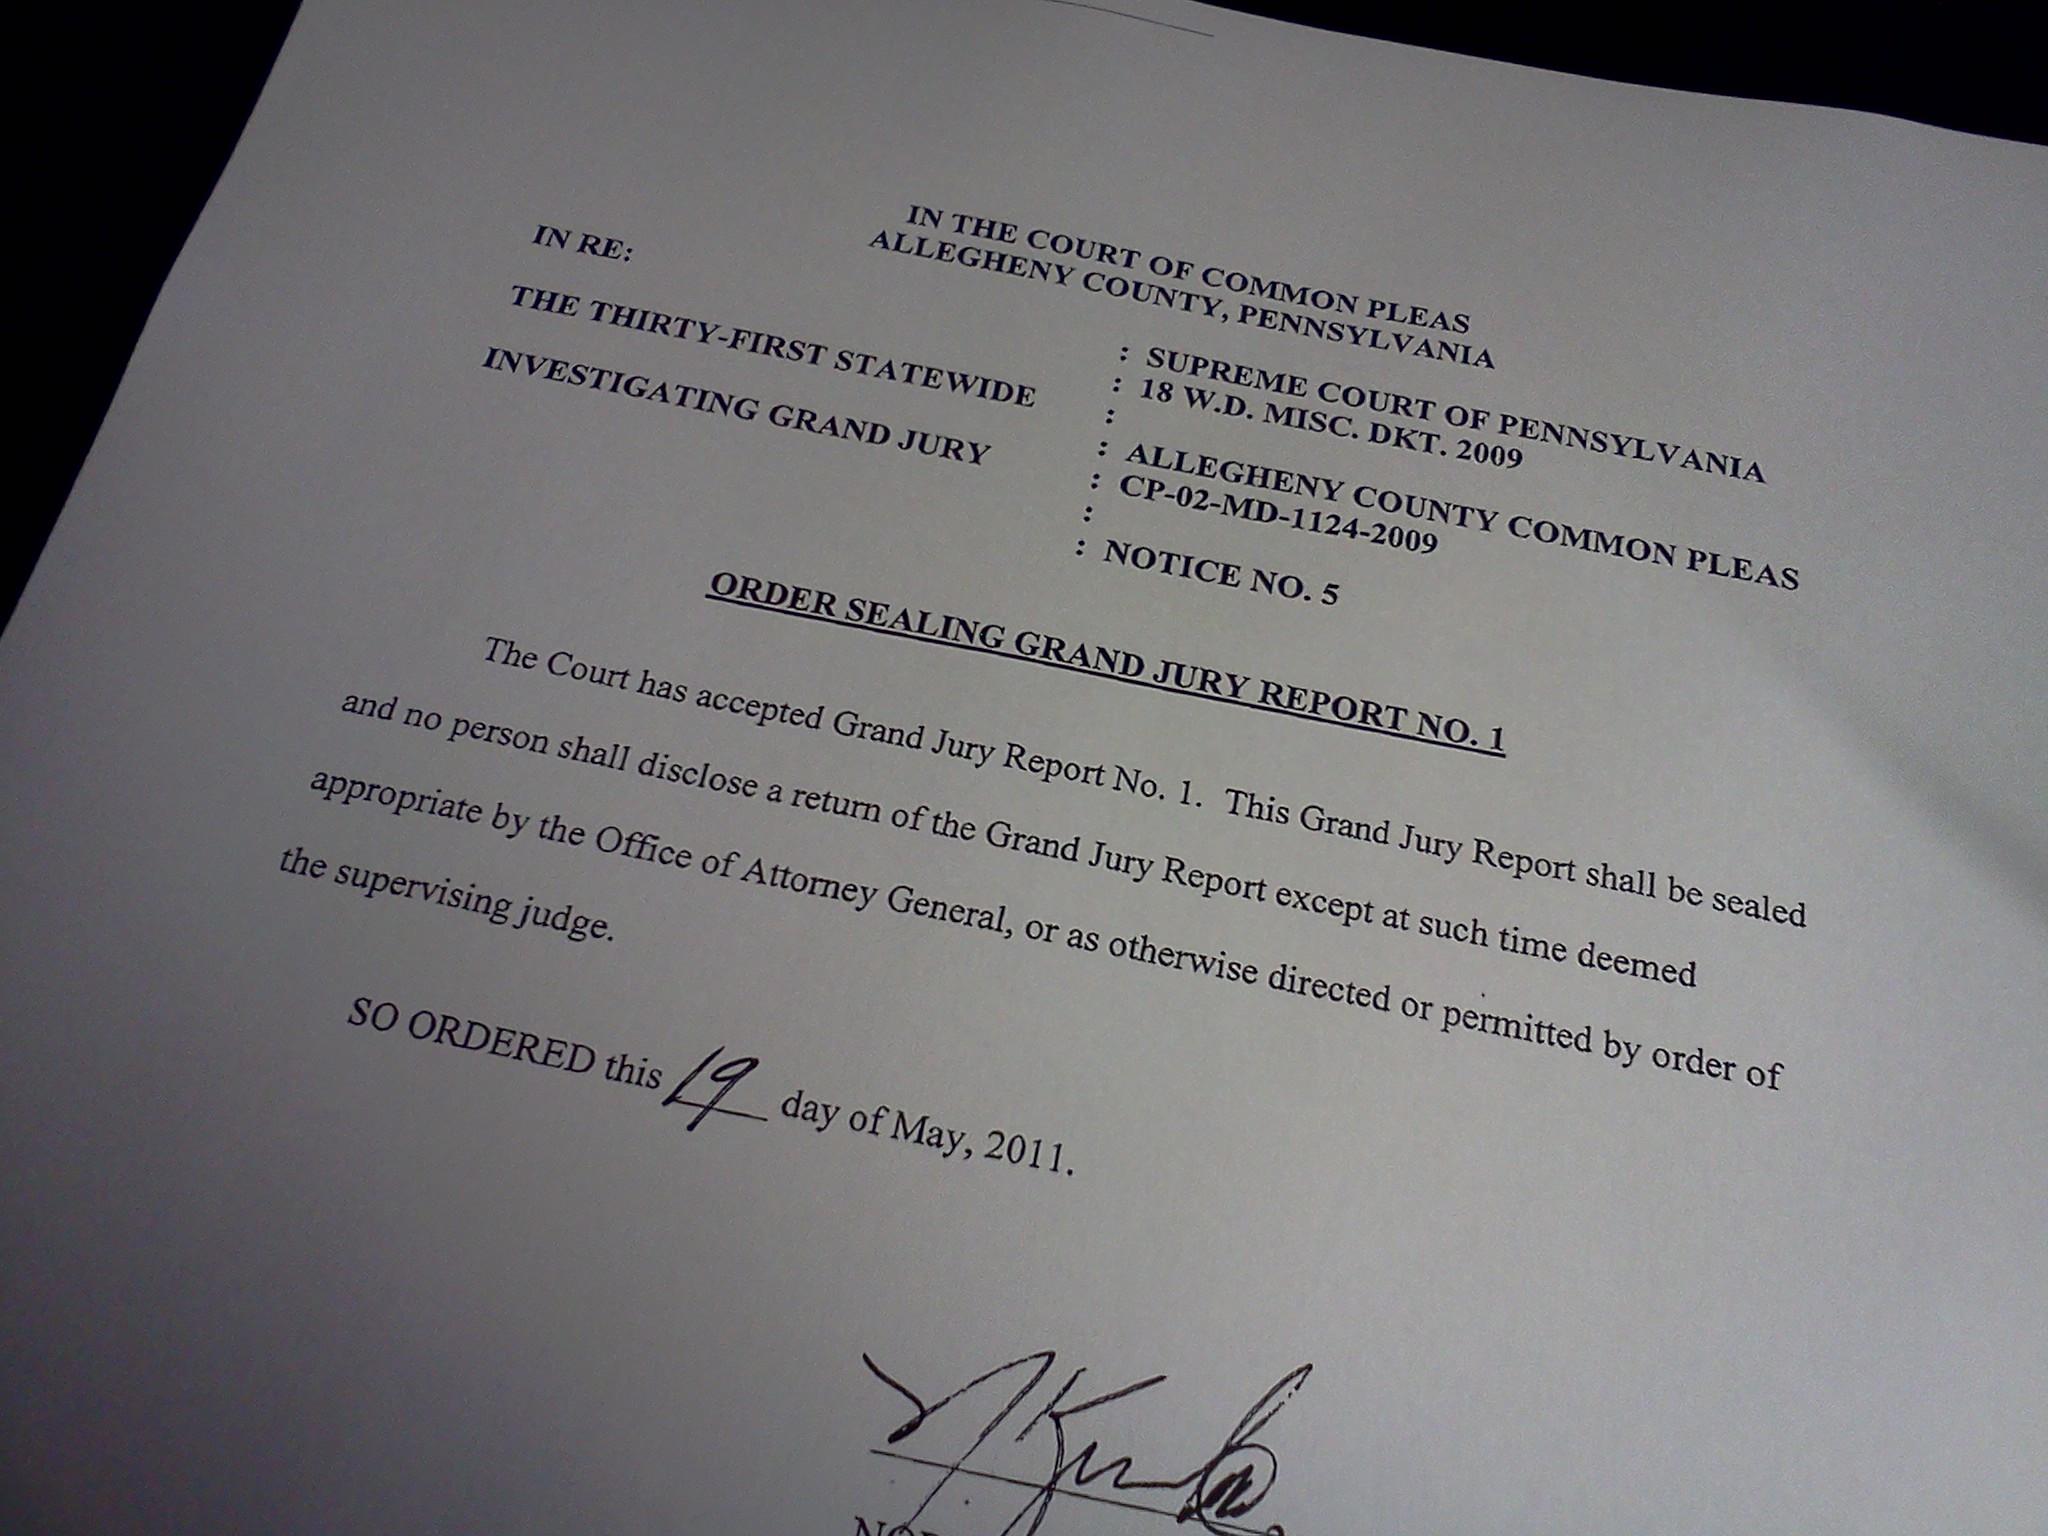 Grand Jury Report